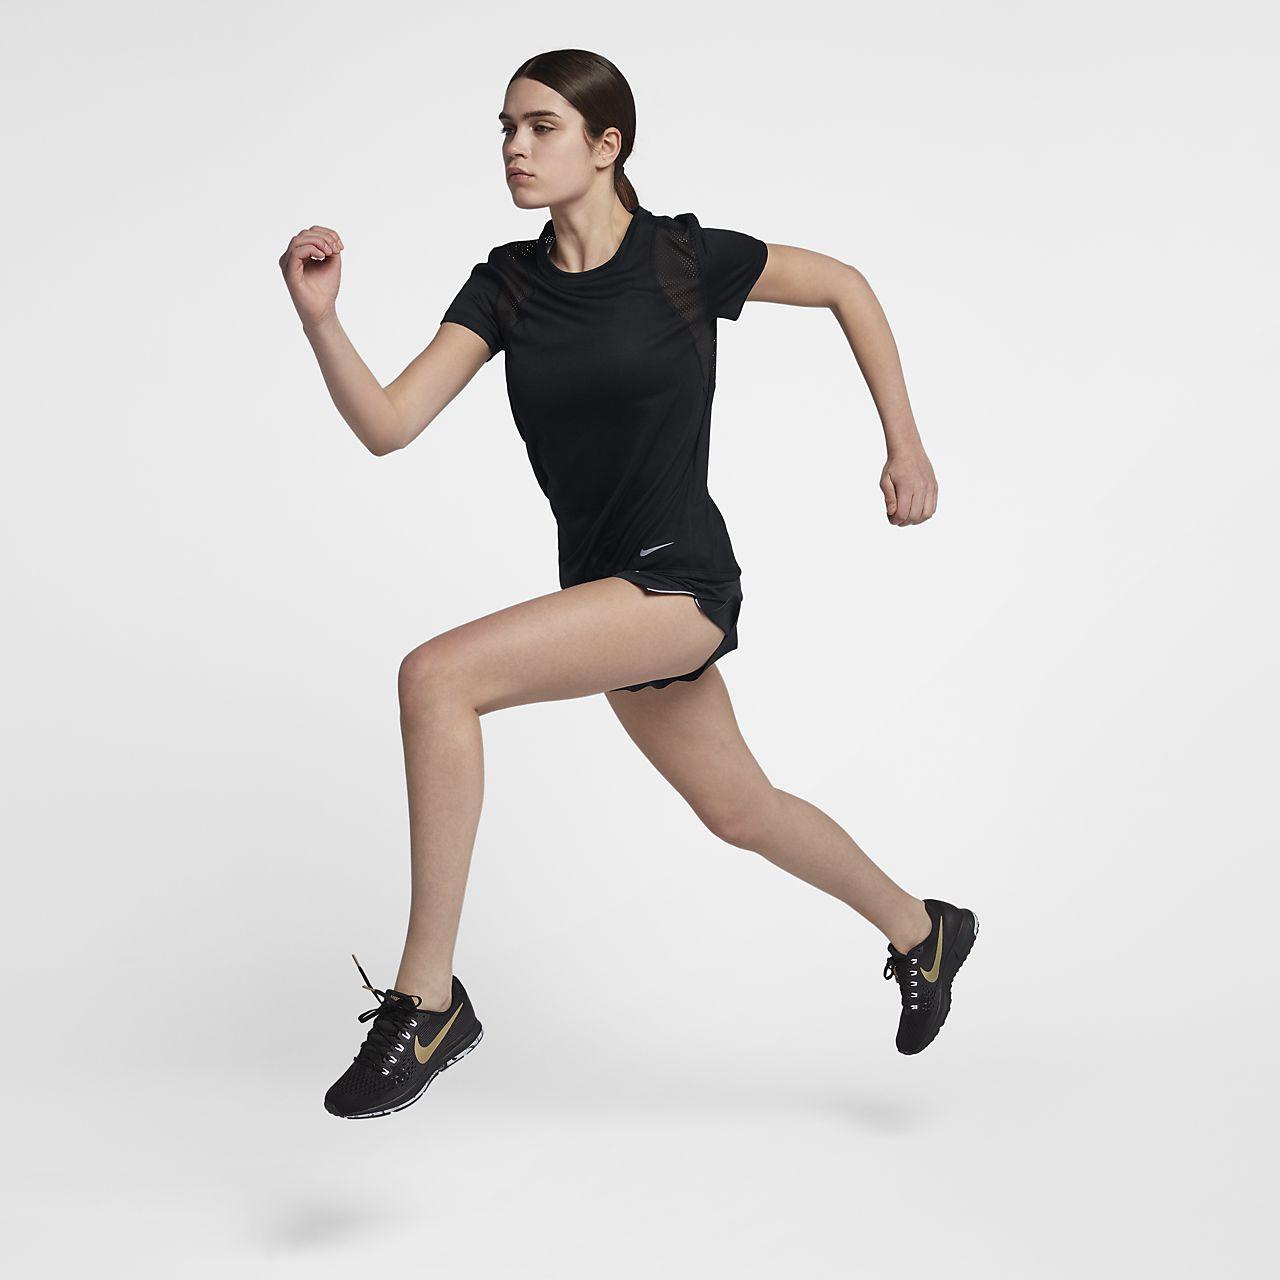 8d1e0e4bf358eb Camisola de running de manga curta Nike para mulher